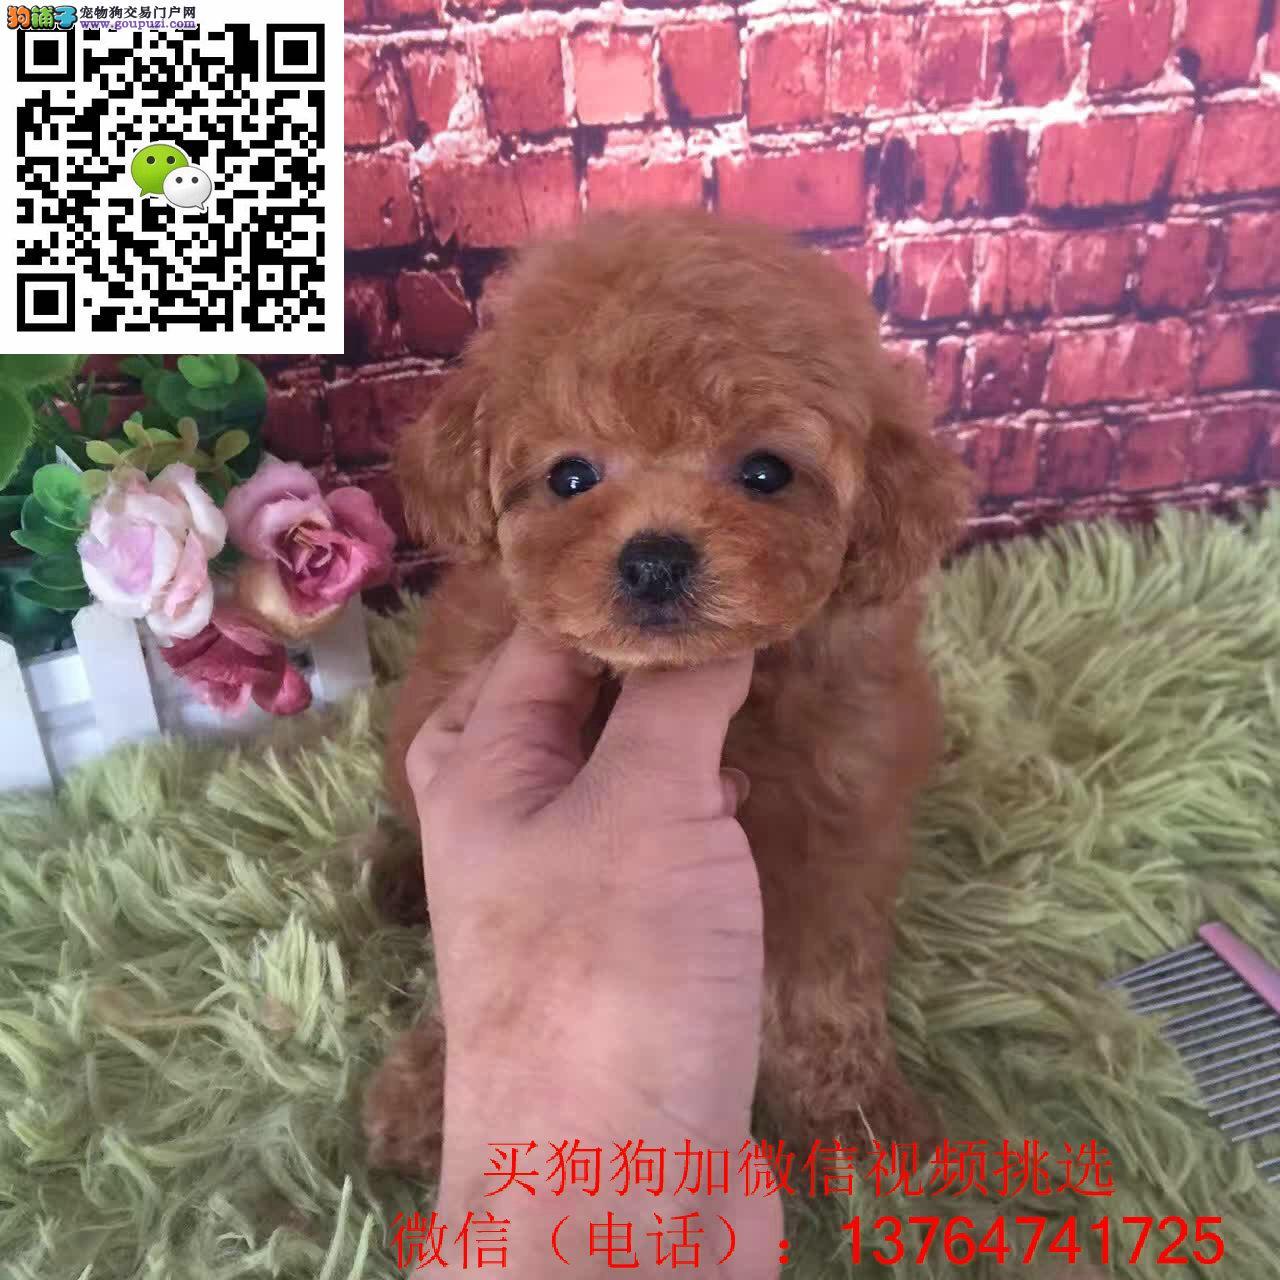 广州泰迪犬价格出售 广州泰迪幼犬多少钱